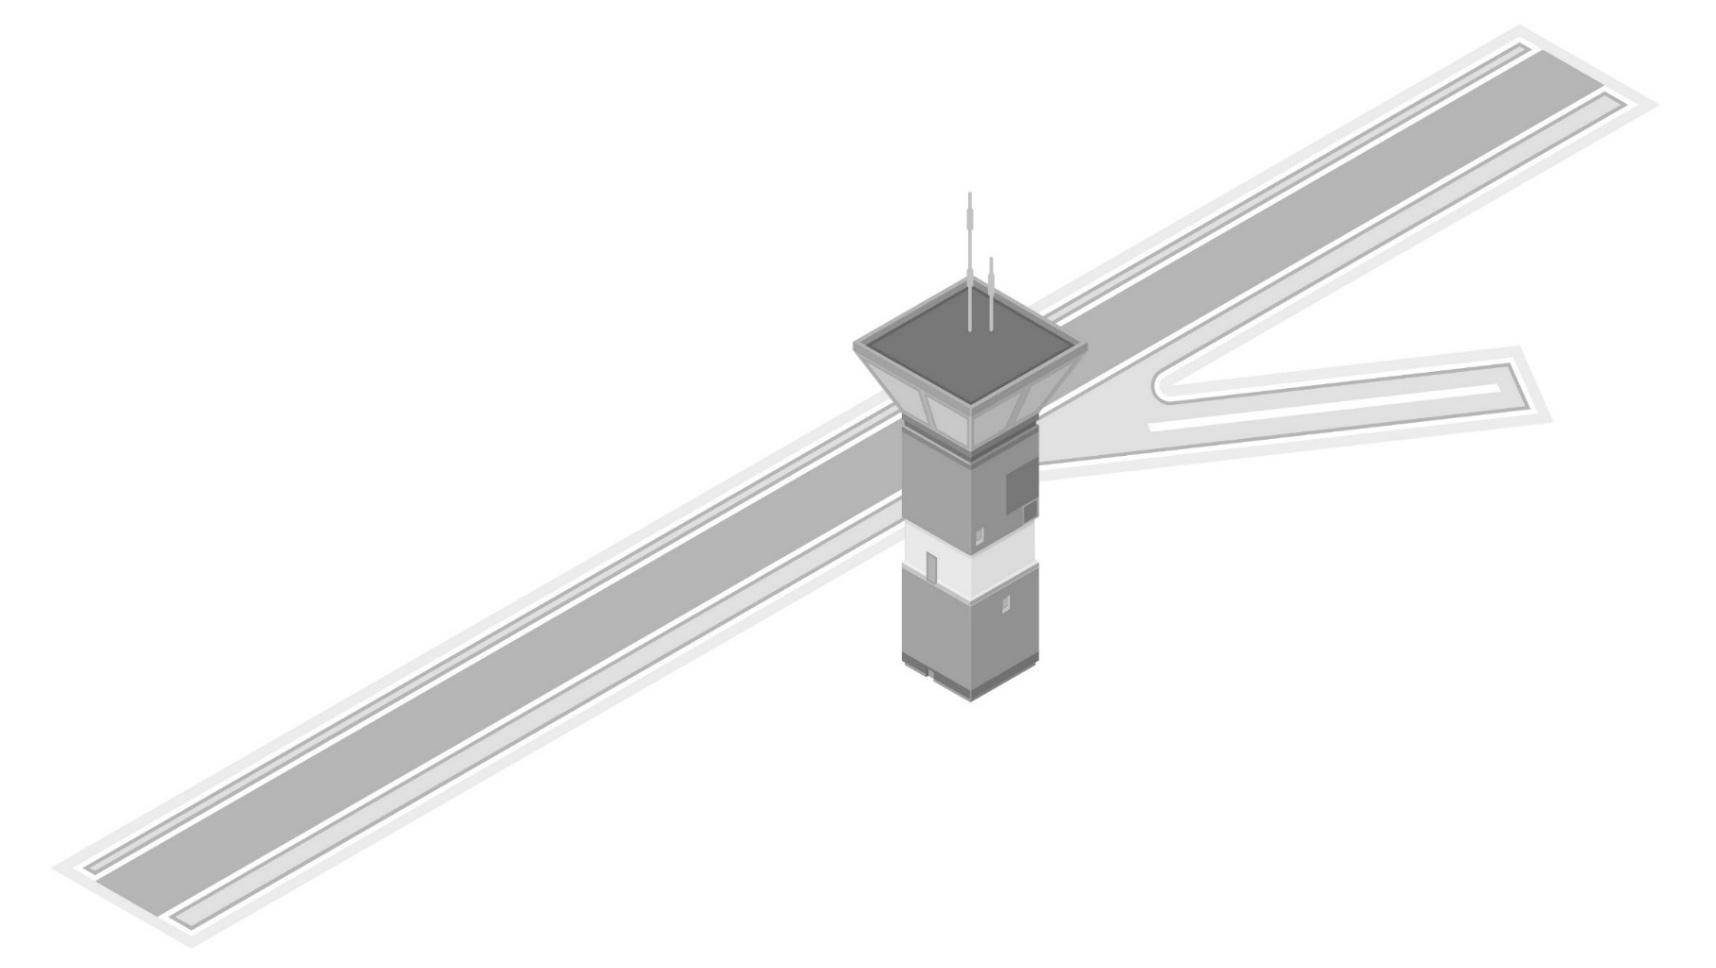 delta-box_applications_balisage-aeroport-heliport-visuel-general